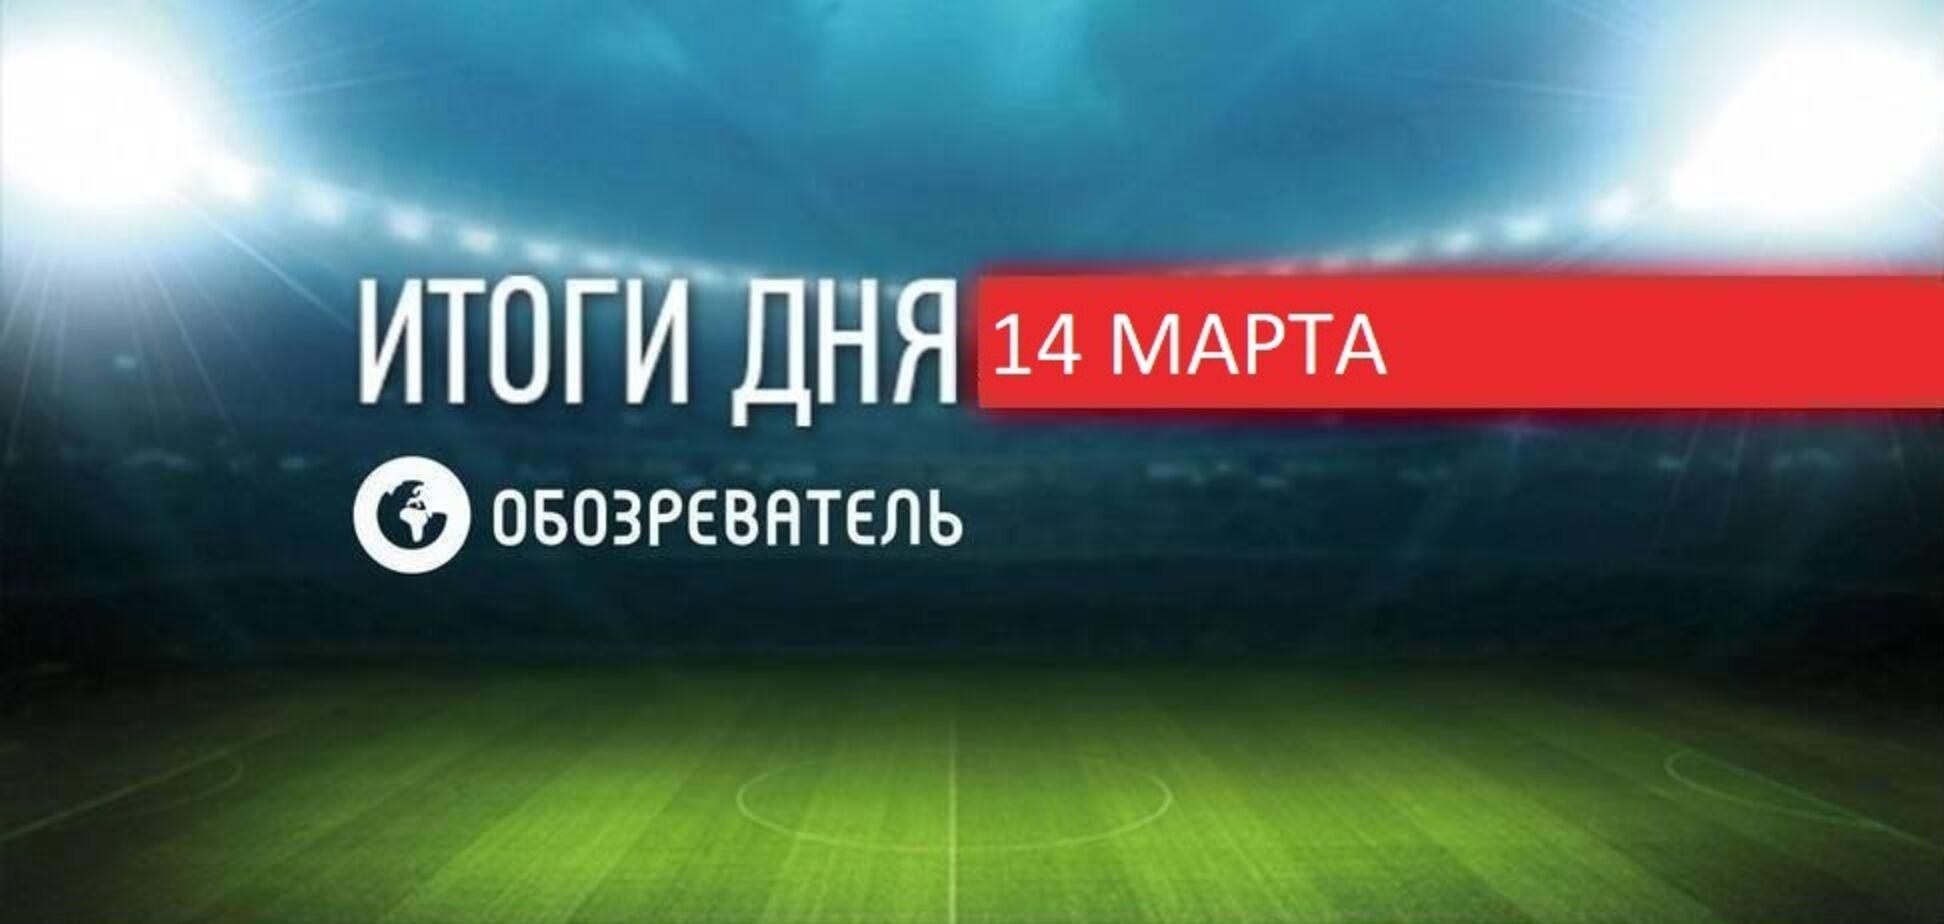 Украинец вновь стал сильнейшим человеком планеты: спортивные итоги 14 марта